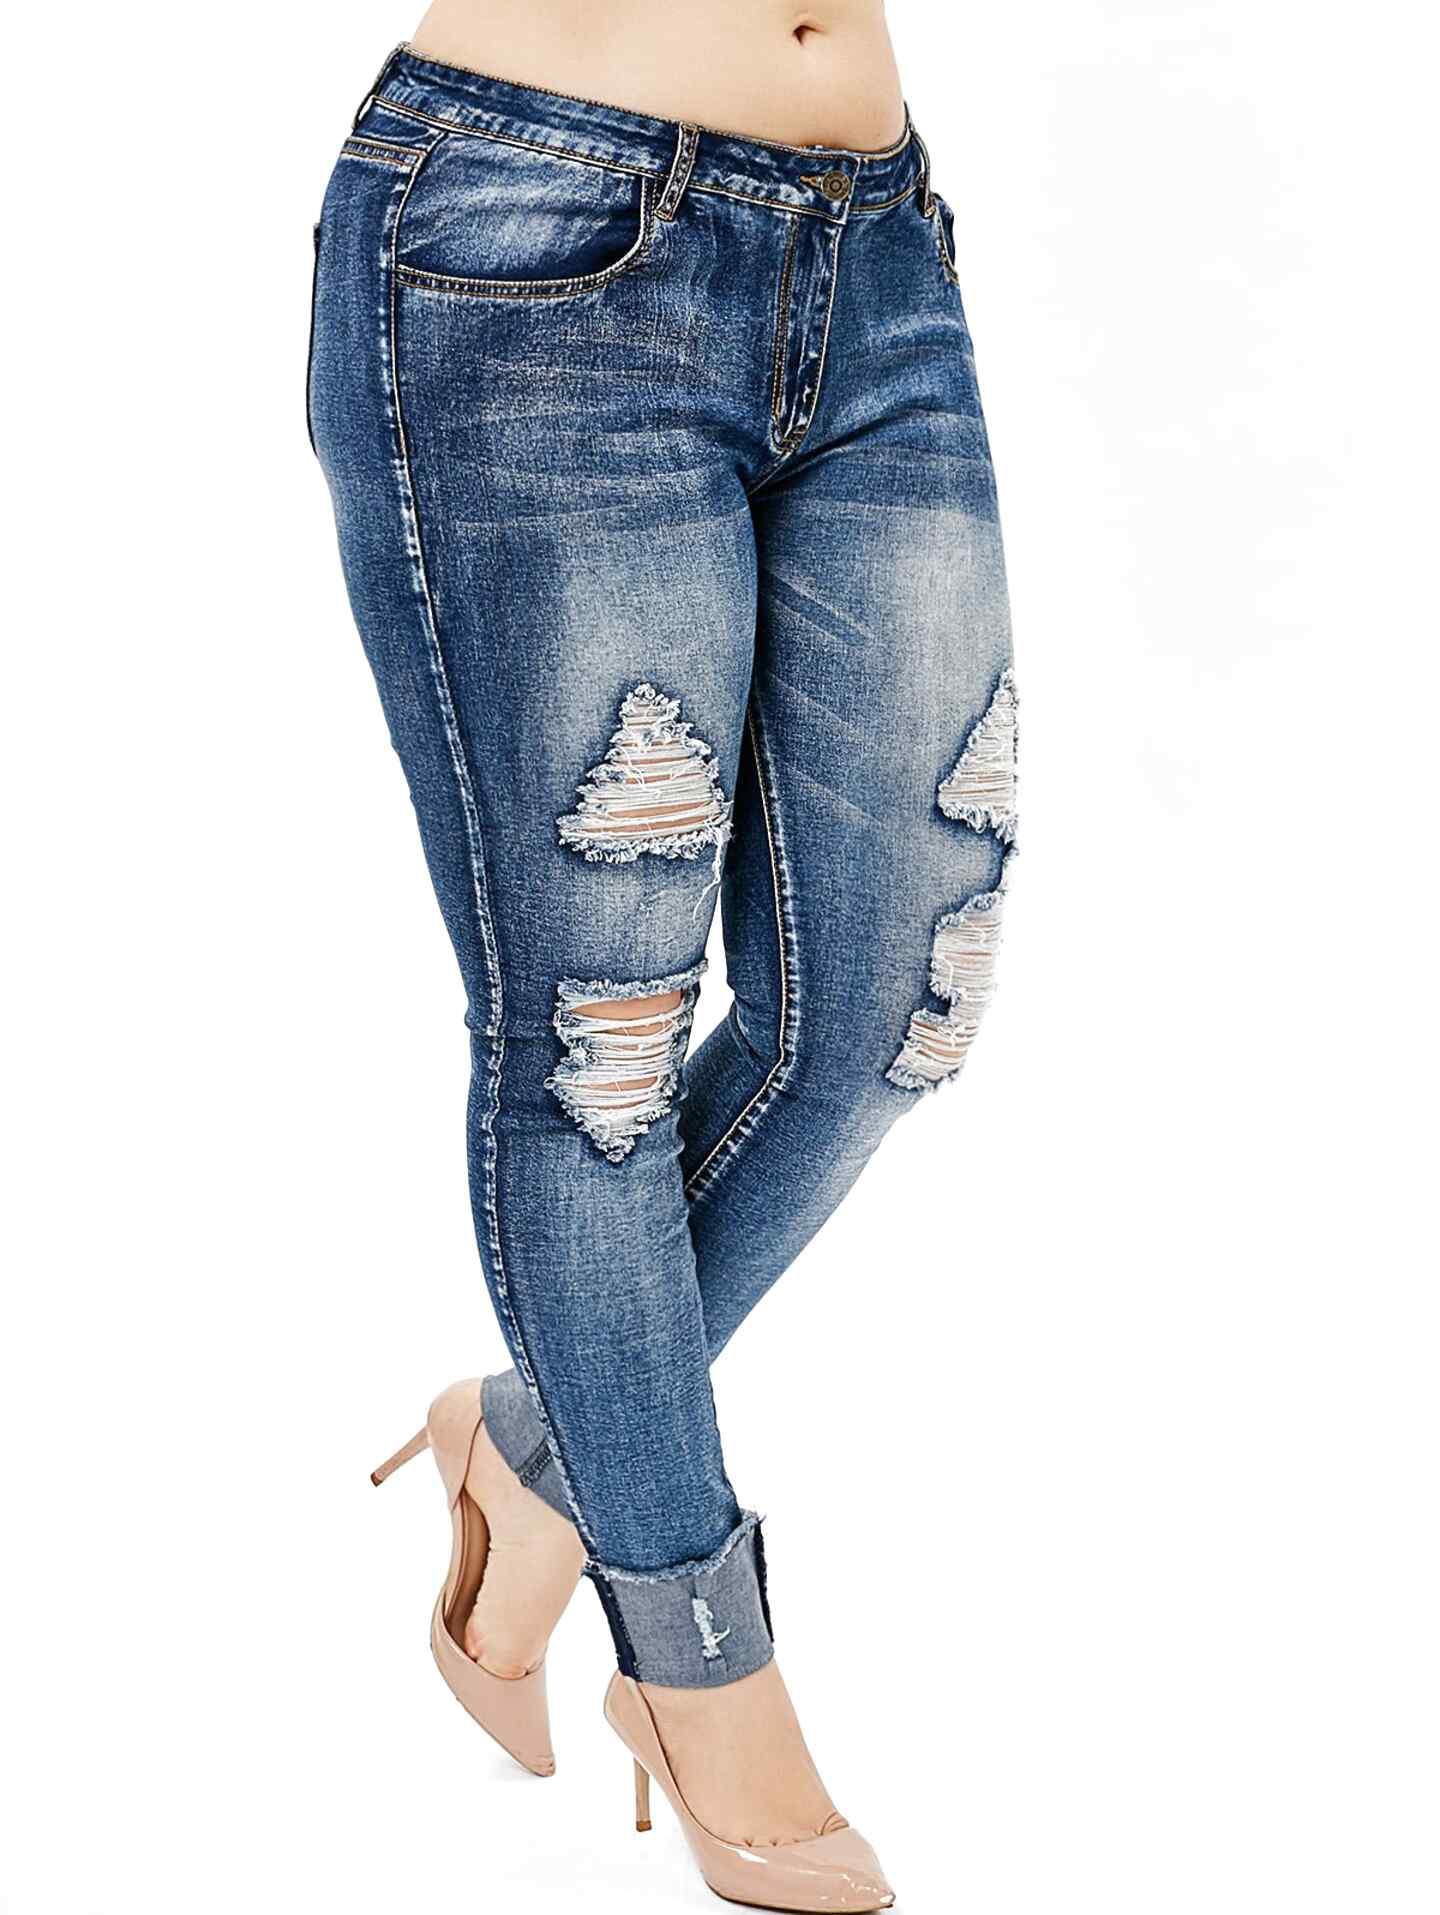 Venta De Pantalones Tallas Grandes Segunda Mano